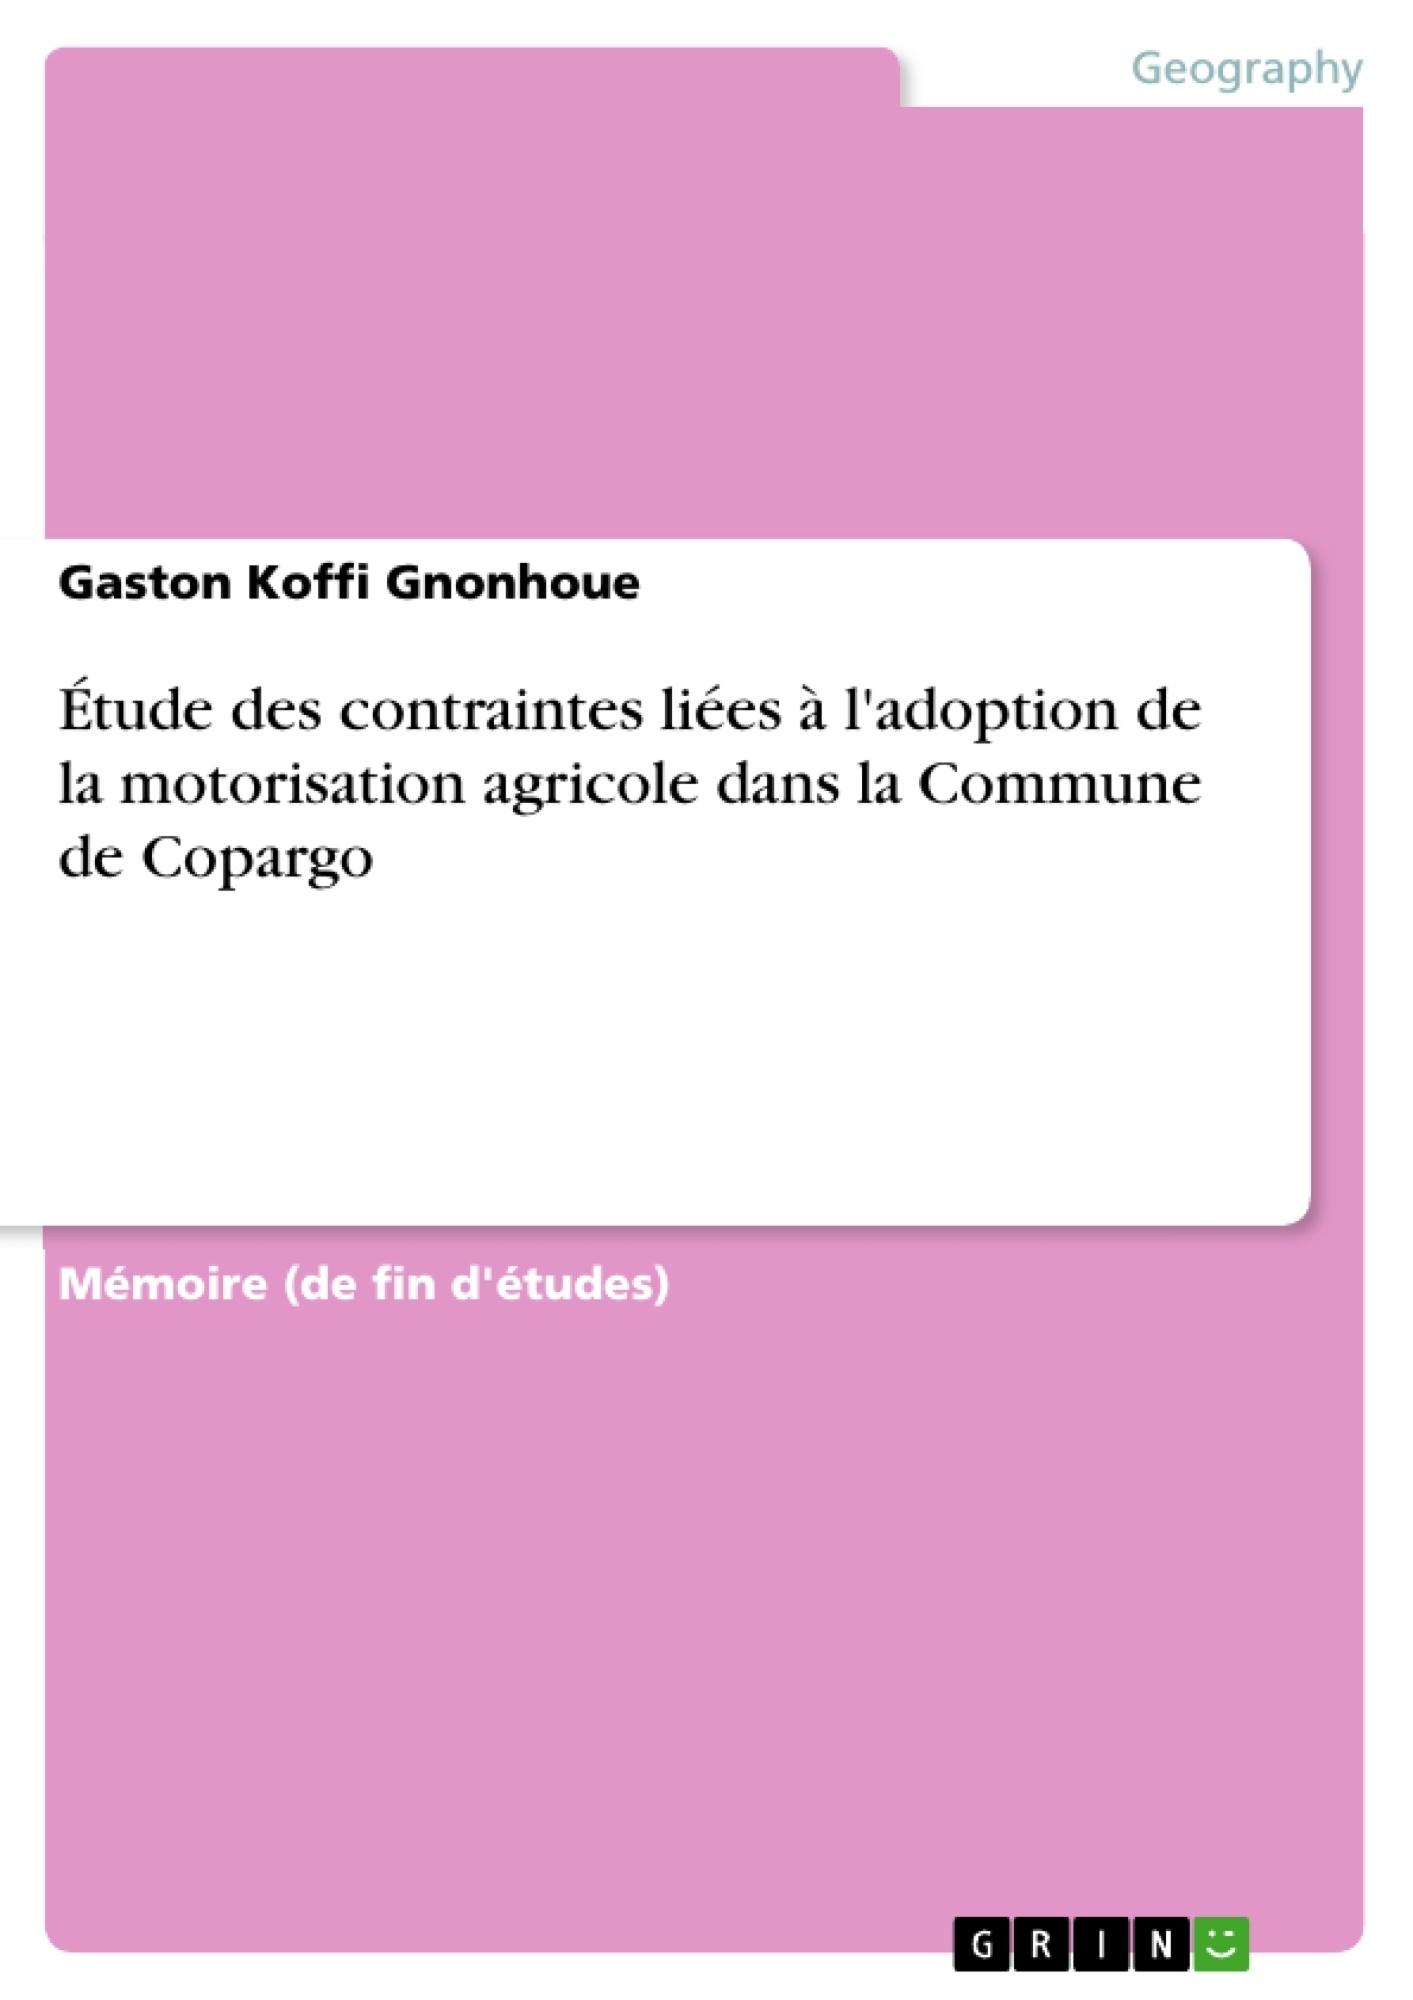 Titre: Étude des contraintes liées à l'adoption de la motorisation agricole dans la Commune de Copargo